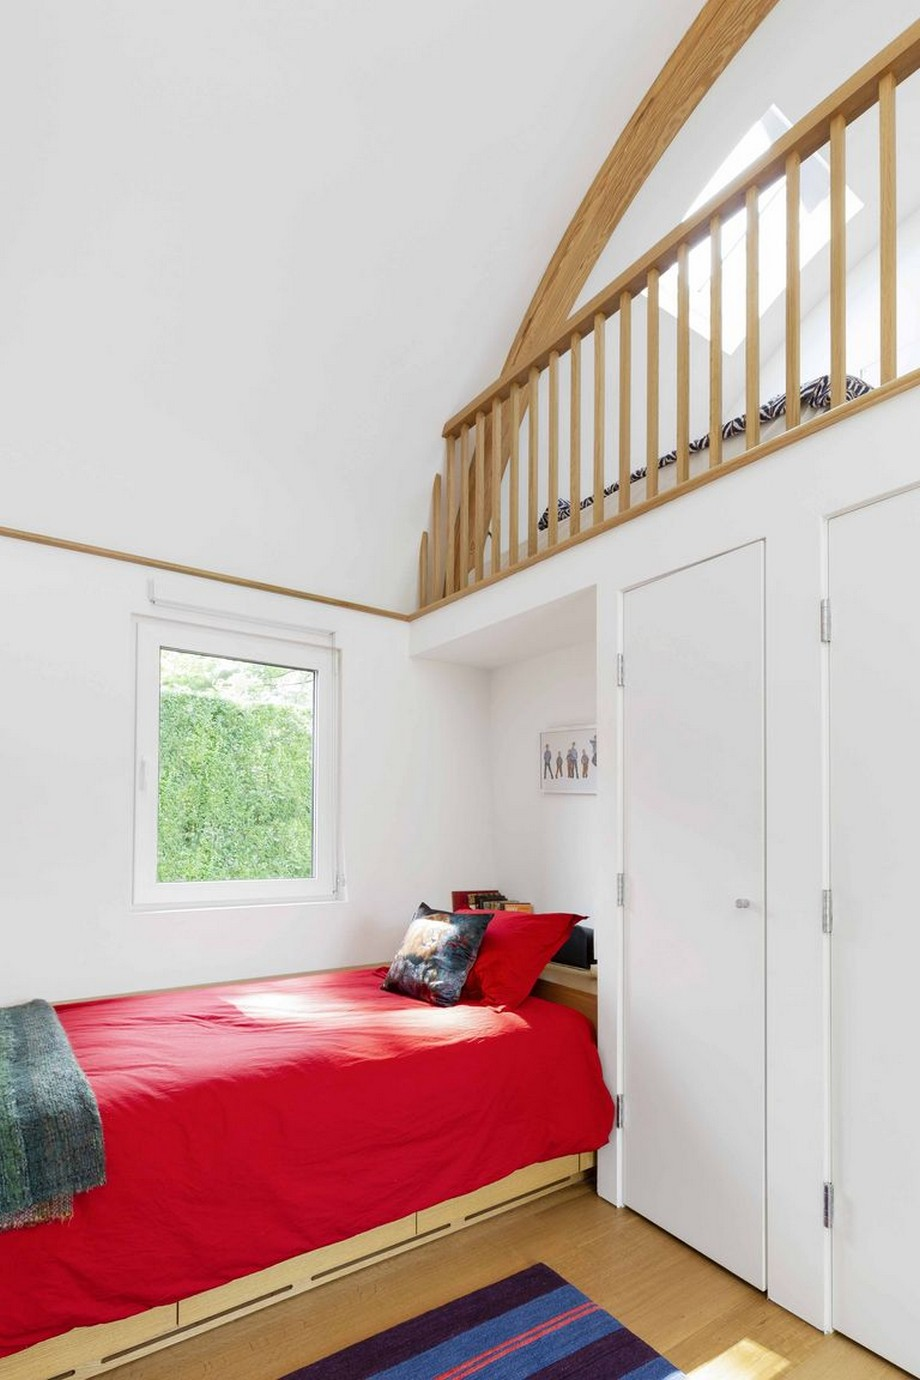 Phòng ngủ trẻ em có 2 cửa sổ nhỏ chiếu sáng